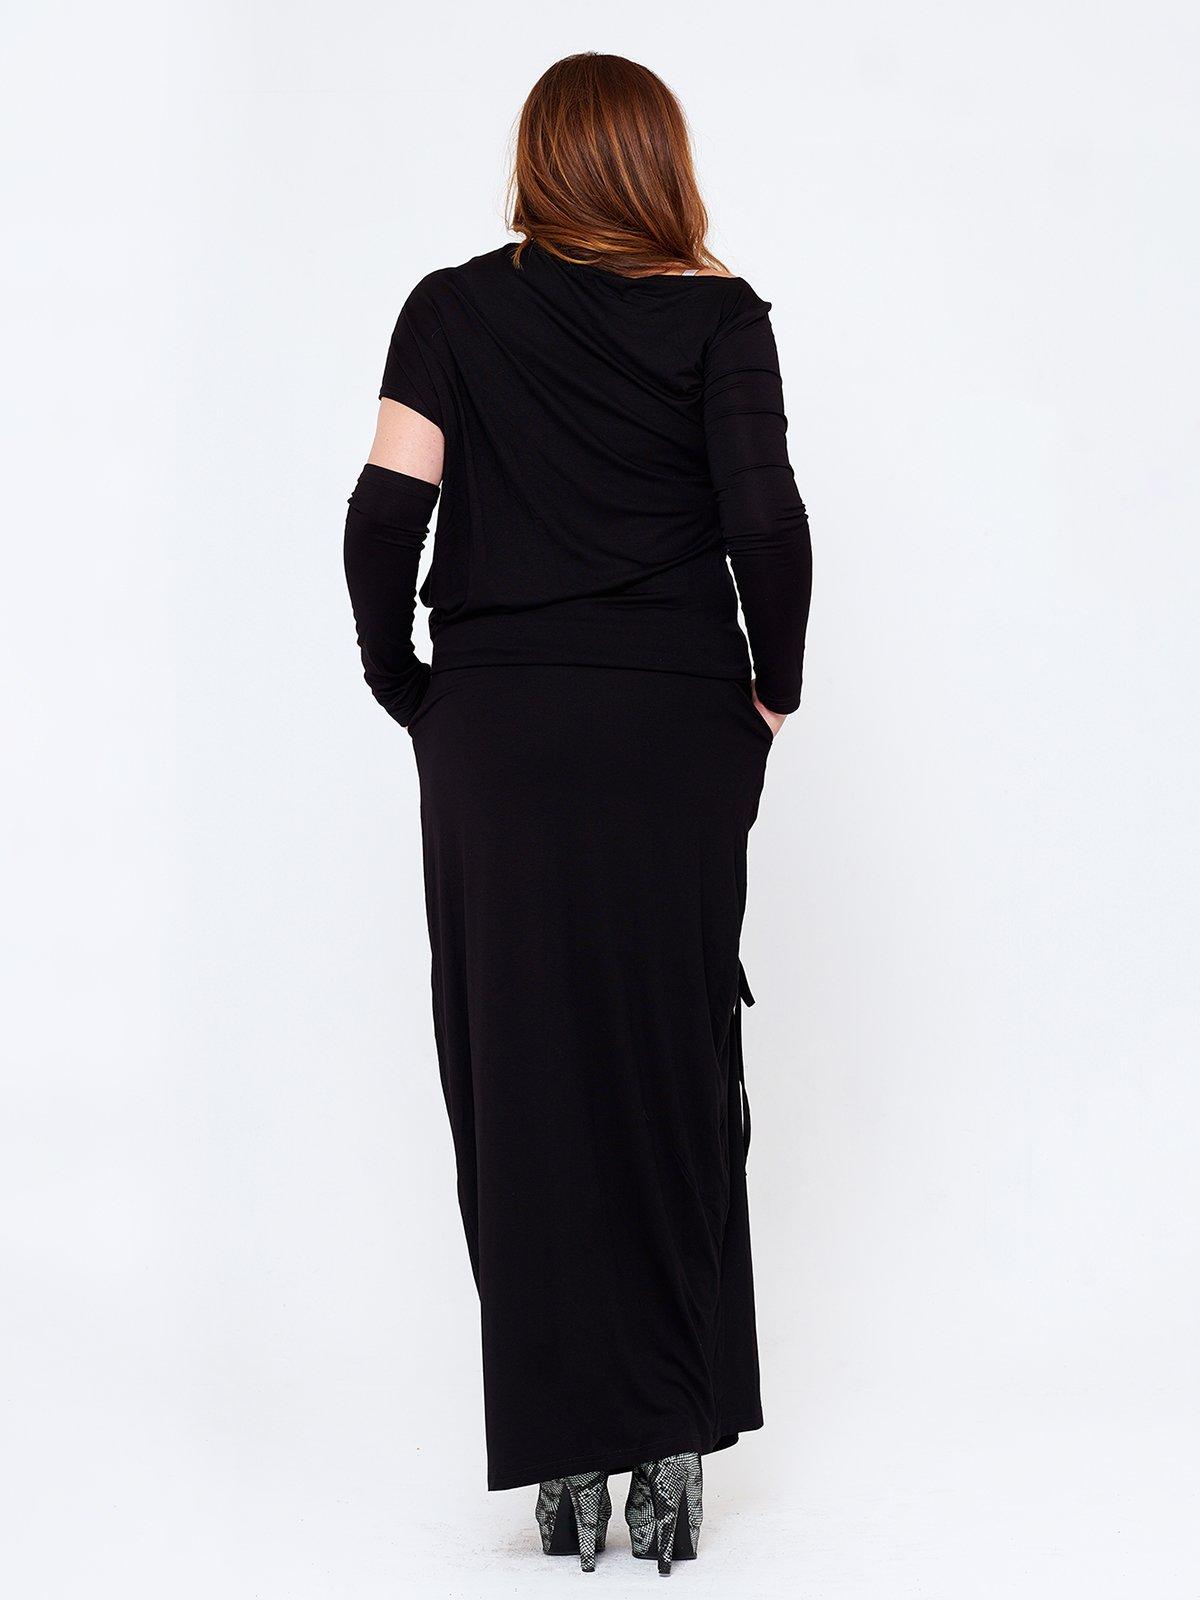 Сукня чорна | 2714660 | фото 2